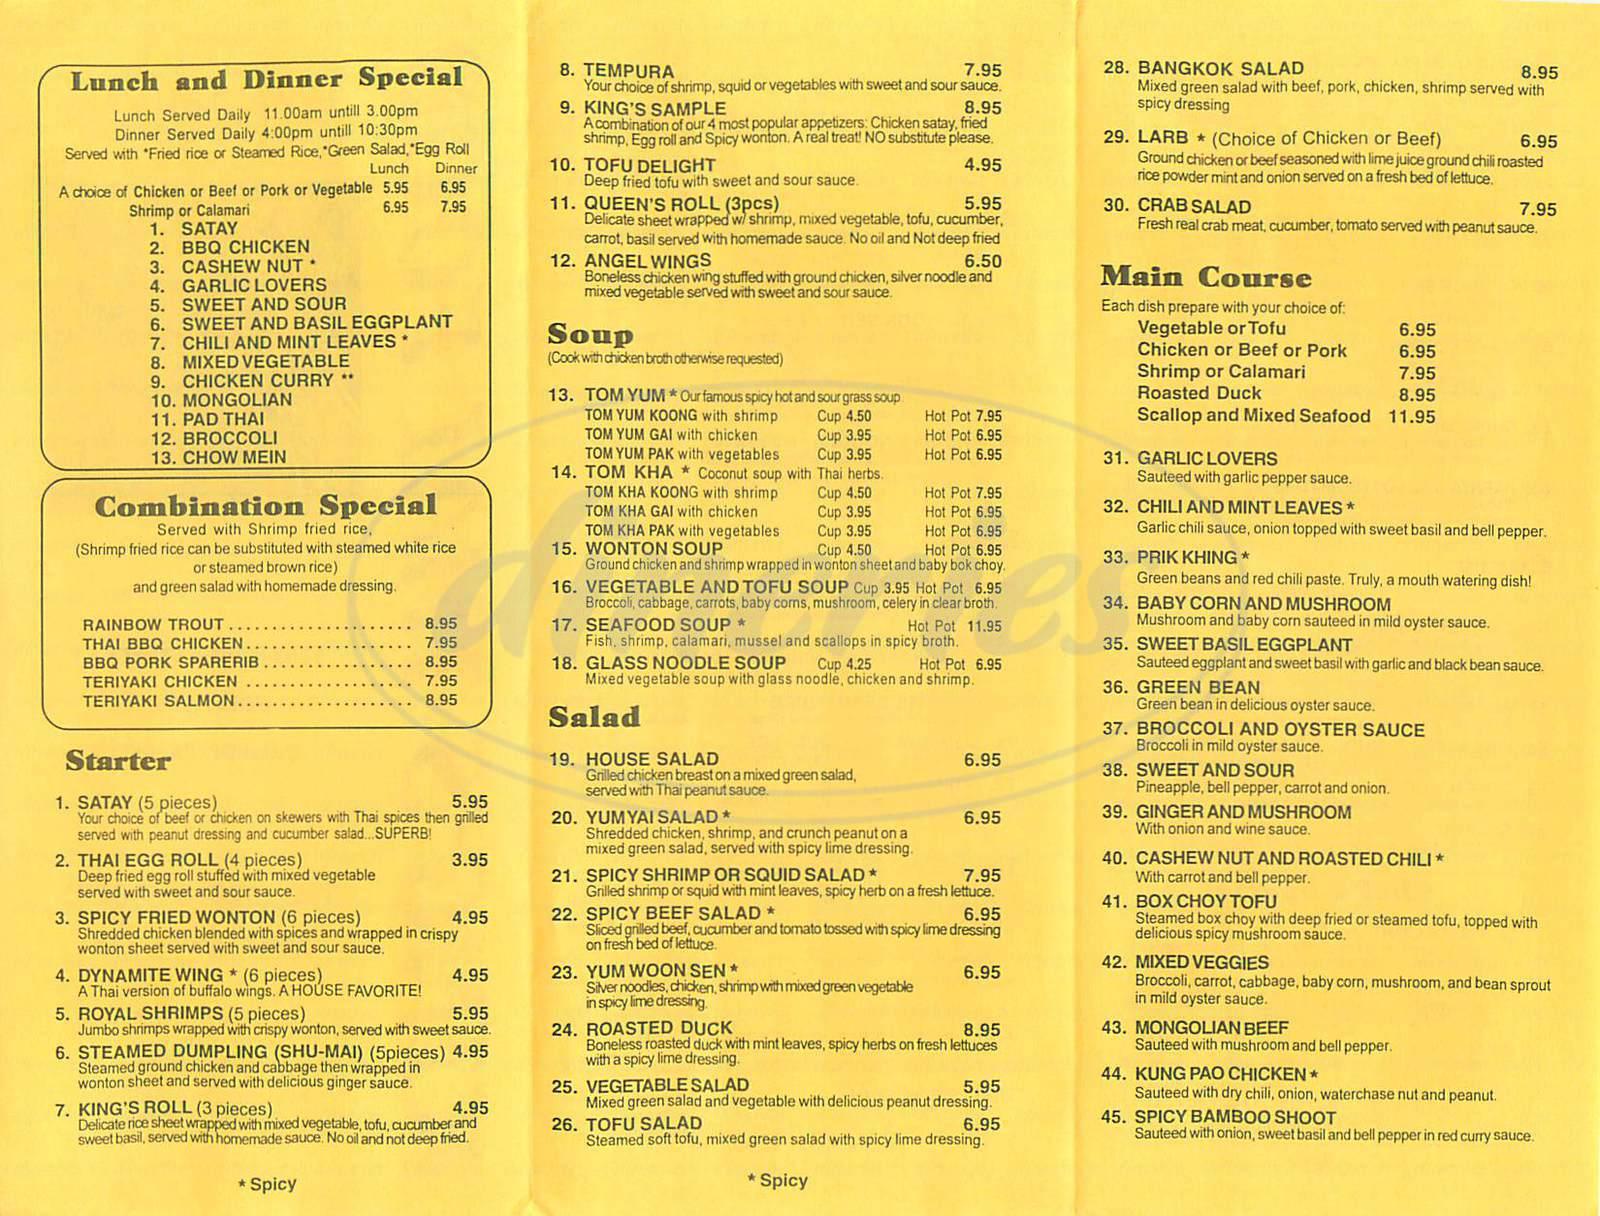 menu for Kings Thai Food